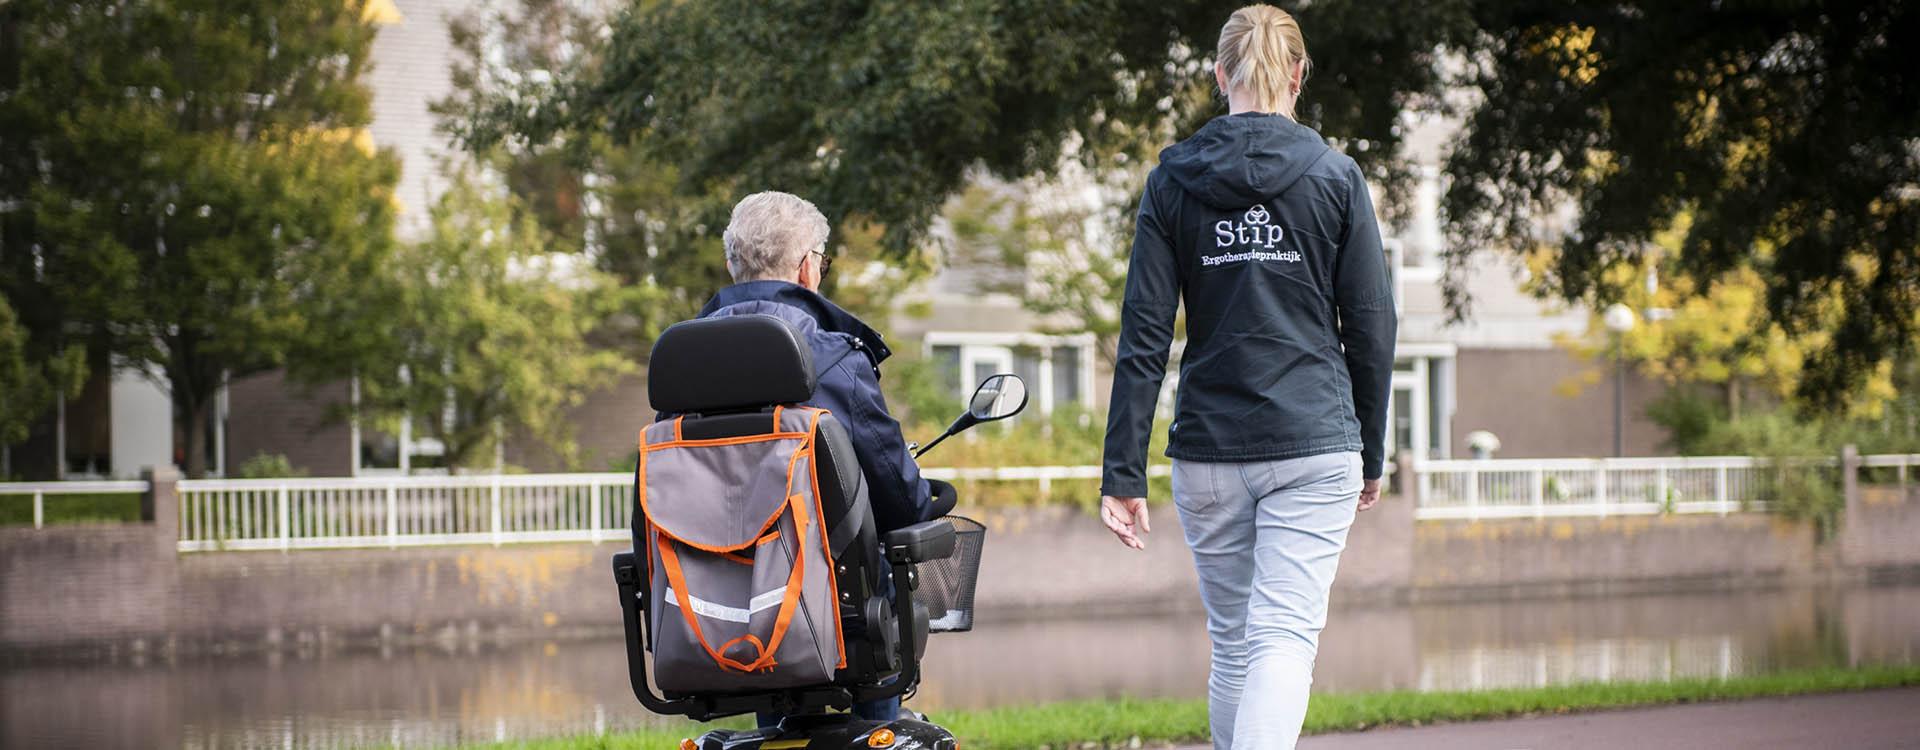 Ergotherapiepraktijk Stip Rijden in scootmobiel